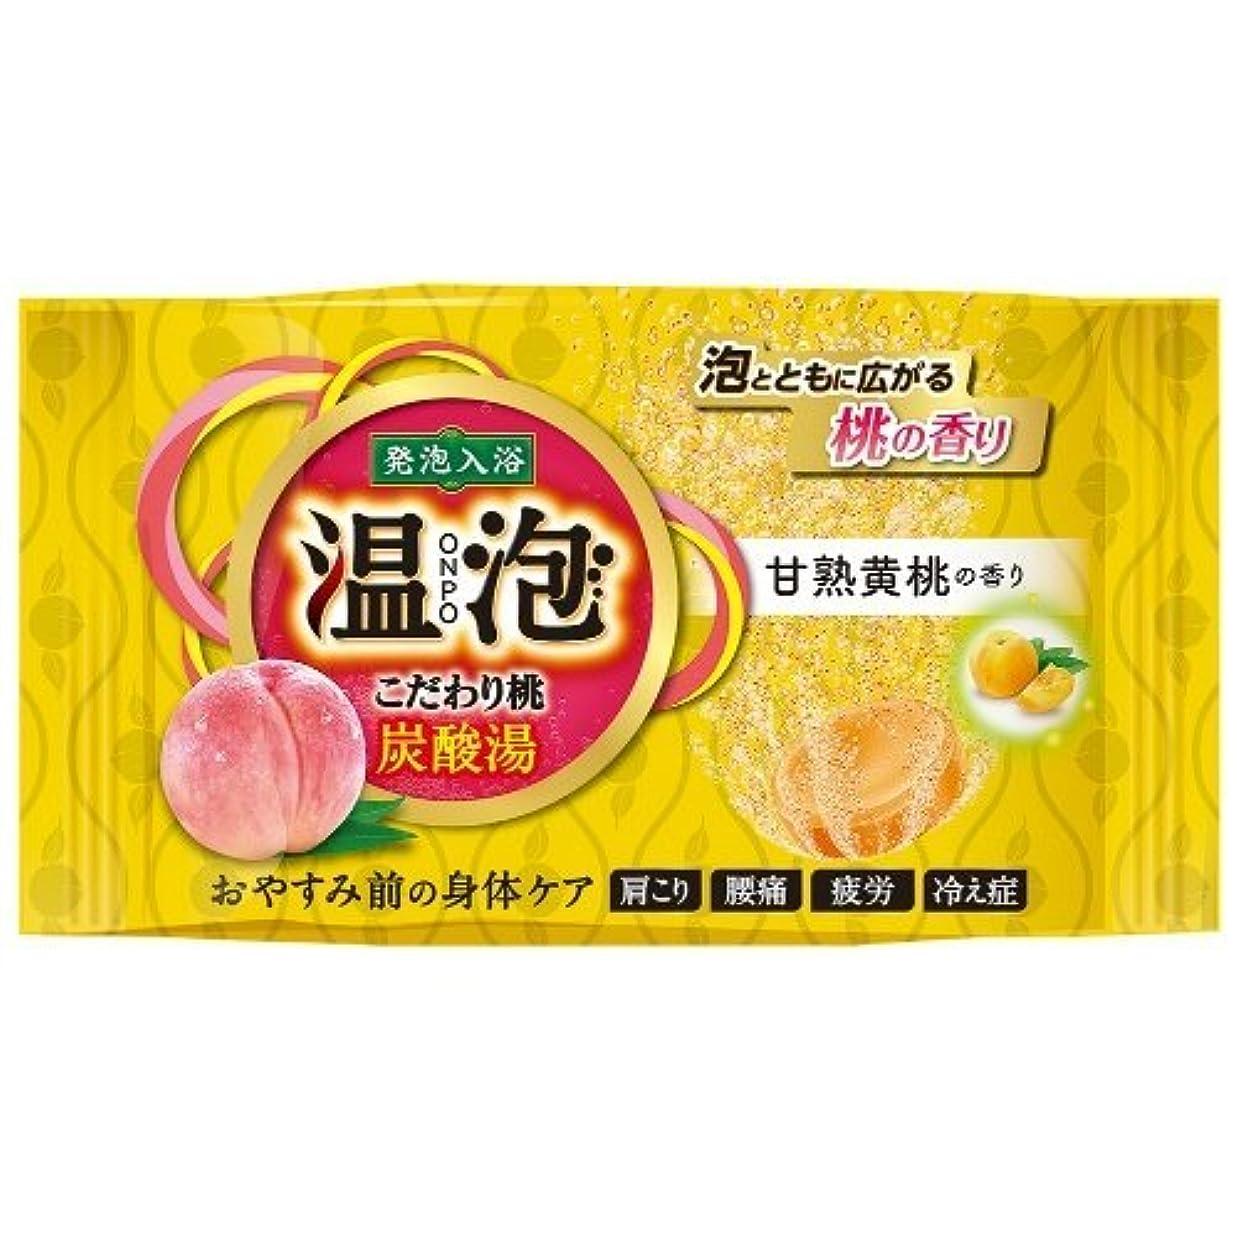 欲求不満注意回復温泡こだわり桃炭酸湯甘熟黄桃1錠